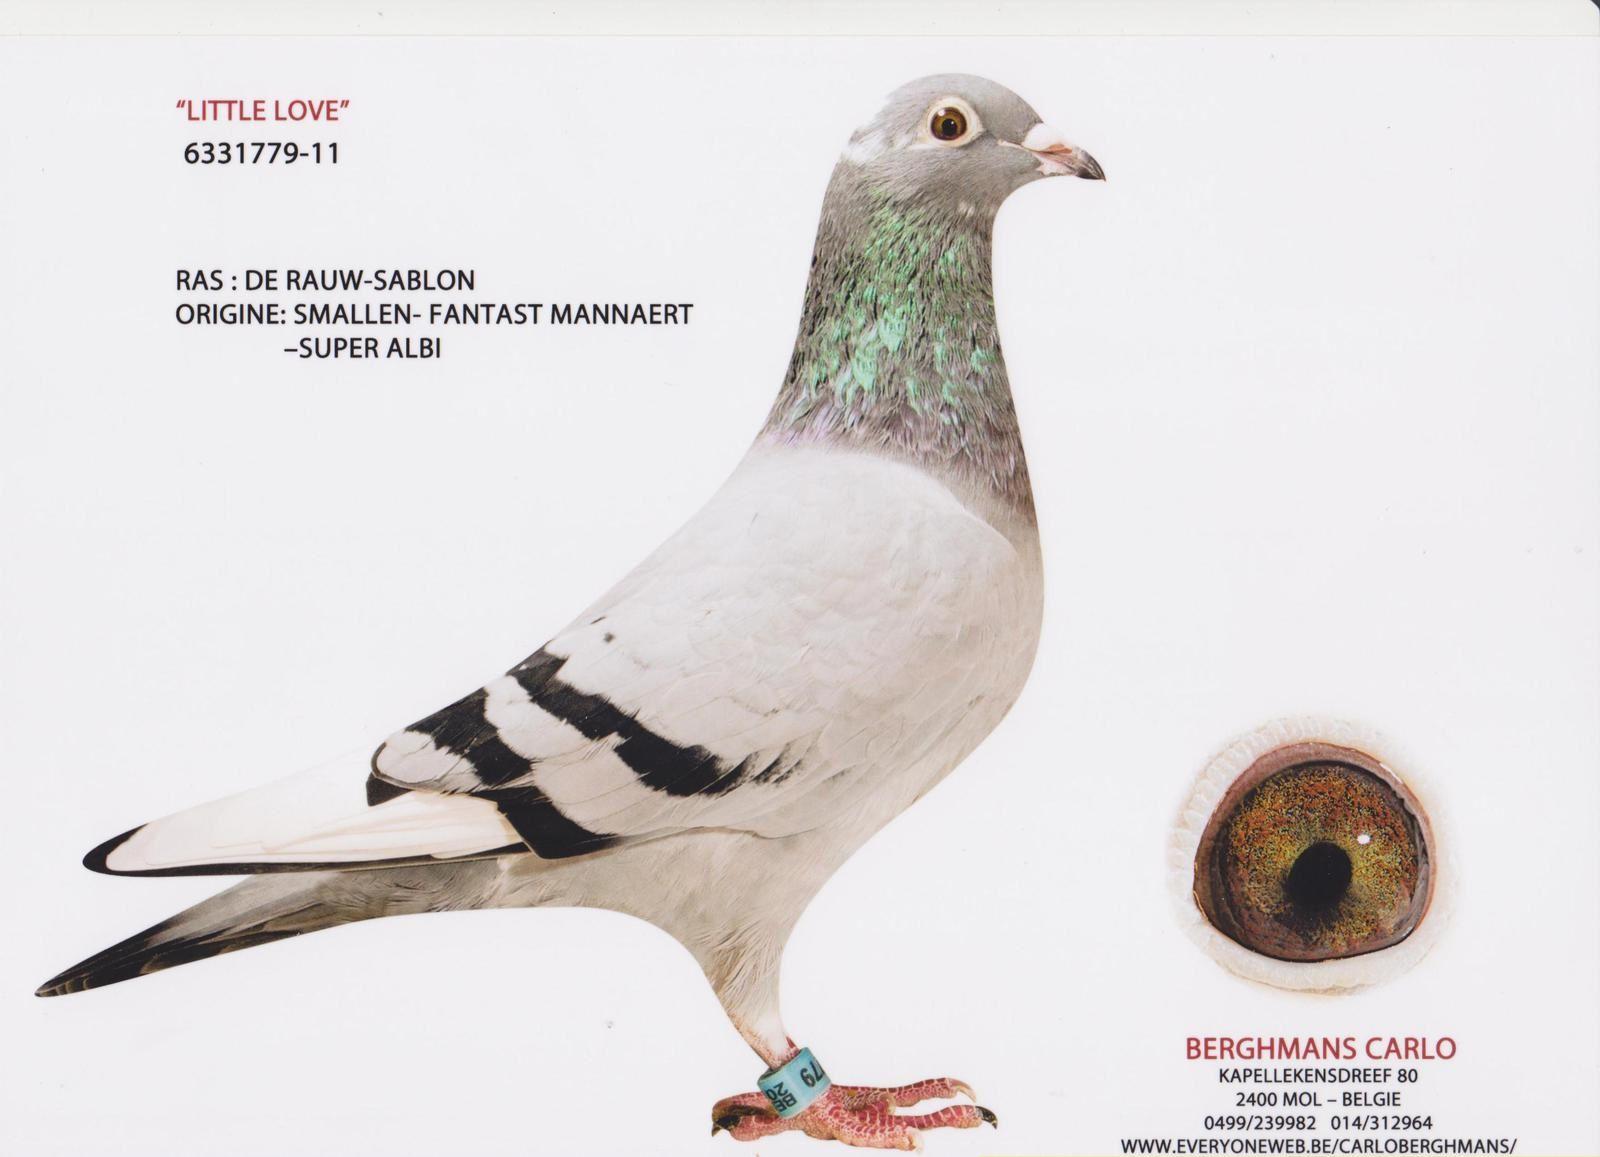 """Françis ROGISTER (Soumagne/Belgique) """"""""LITTLE LOVE"""" a été acquise pour le bon prix chez Carlo BERGHMANS à Mol. C'est une 100 % AELBRECHT x DE RAUW SABLON (J.MANNAERT). """"La 1347"""" (ORANGETTE) a été acquise à la vente publique de FRANSSEN Francis de Bolland."""